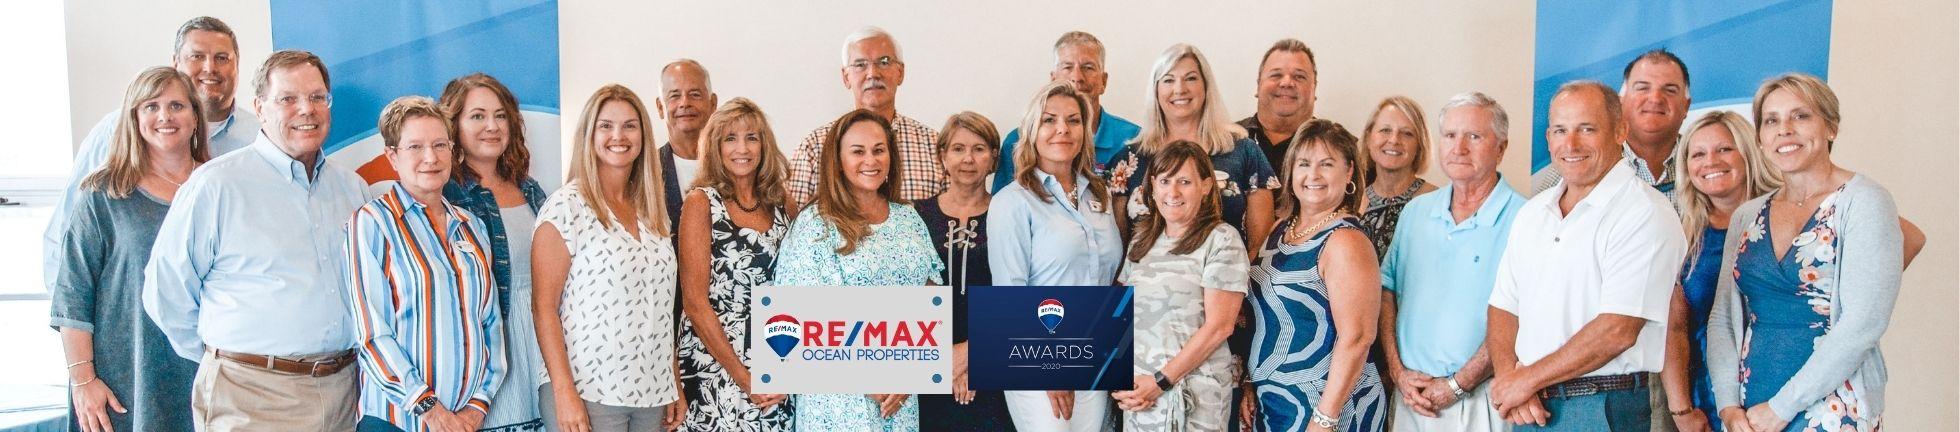 RE/MAX OP Team